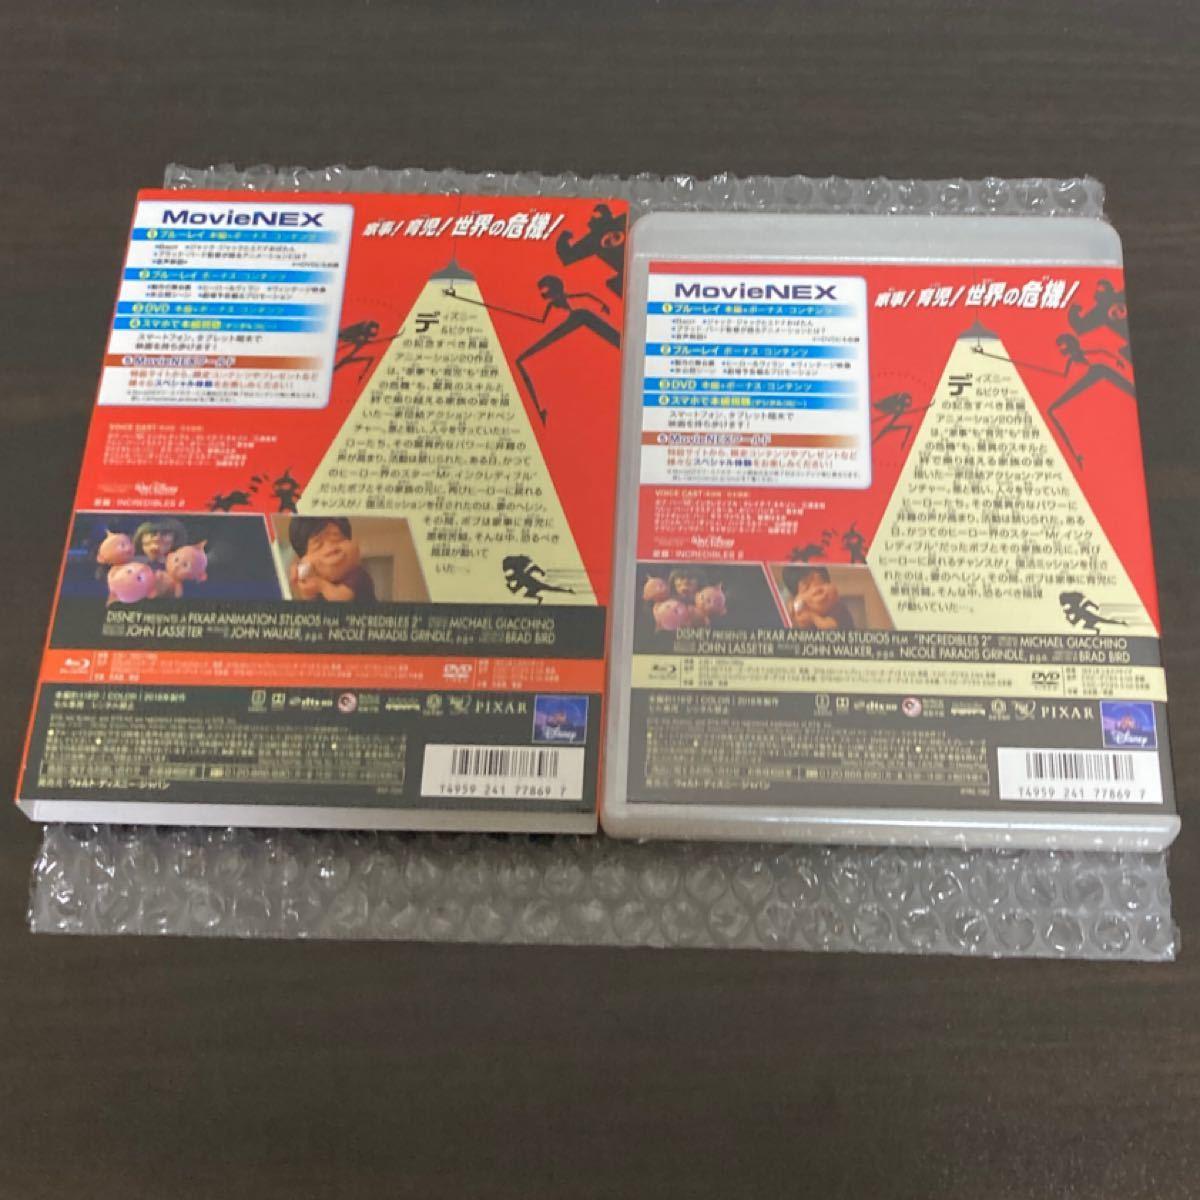 【Blu-ray】 Mr.インクレディブル インクレディブルファミリー プリンセスと魔法のキス 純正ケース付 新品未再生国内正規品